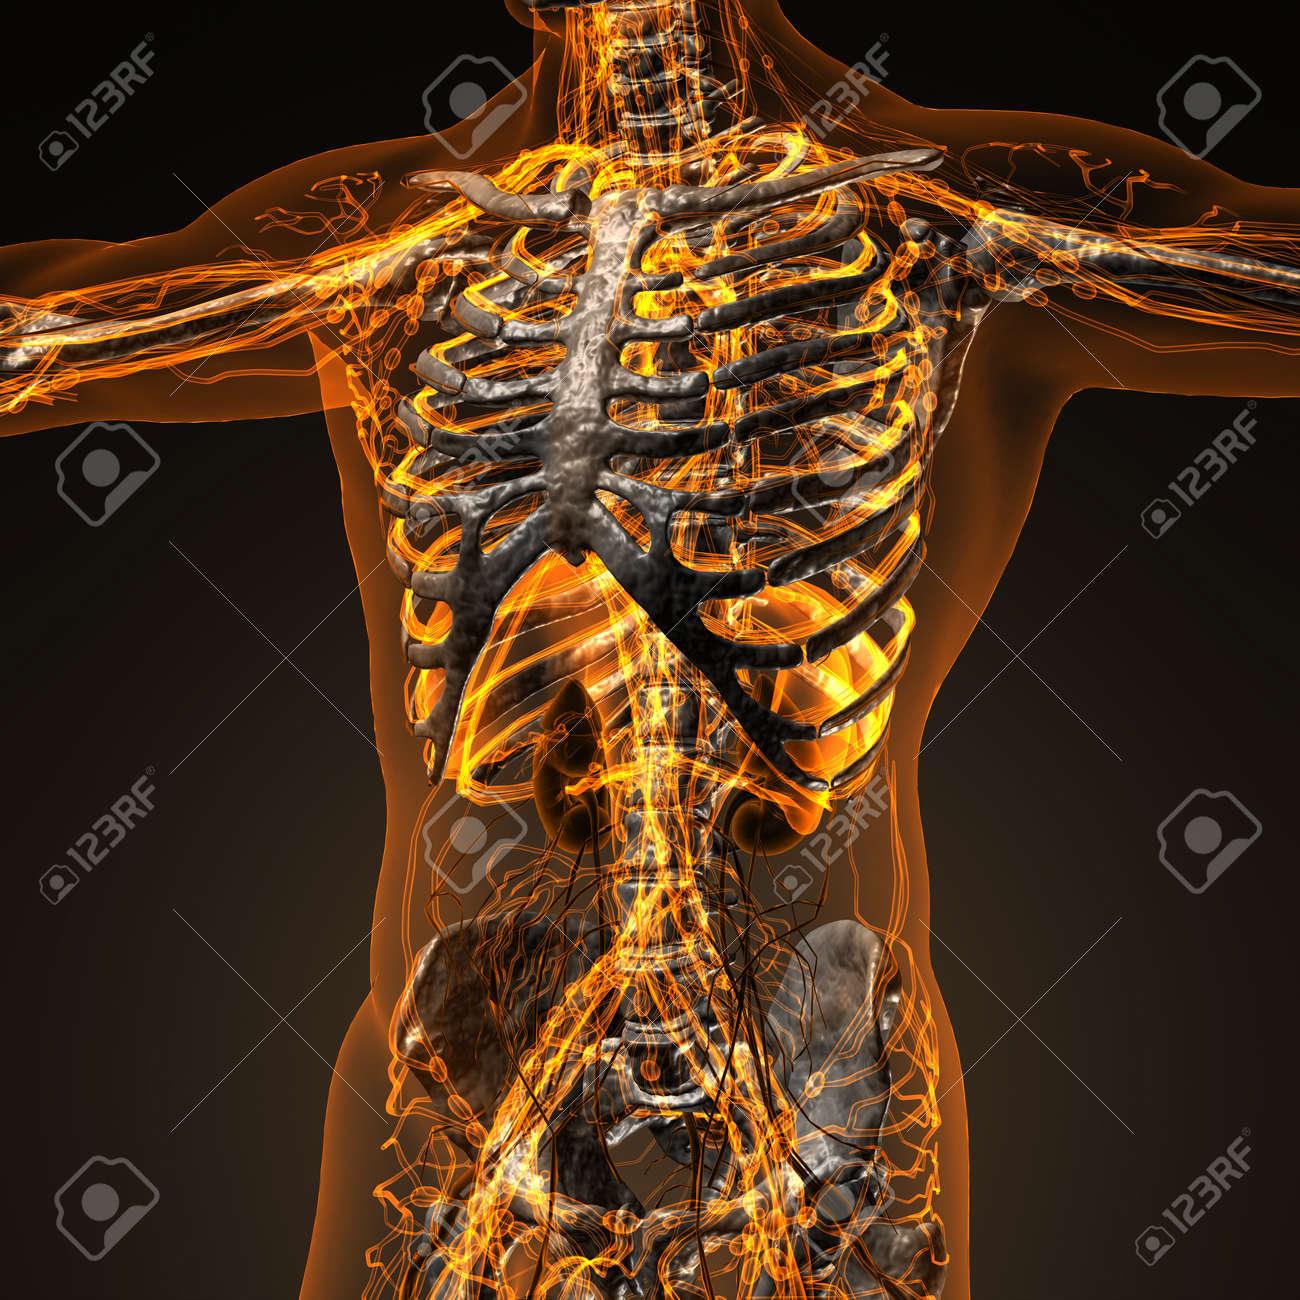 Menschliche Zirkulation Herz-Kreislauf-System Mit Knochen Im ...